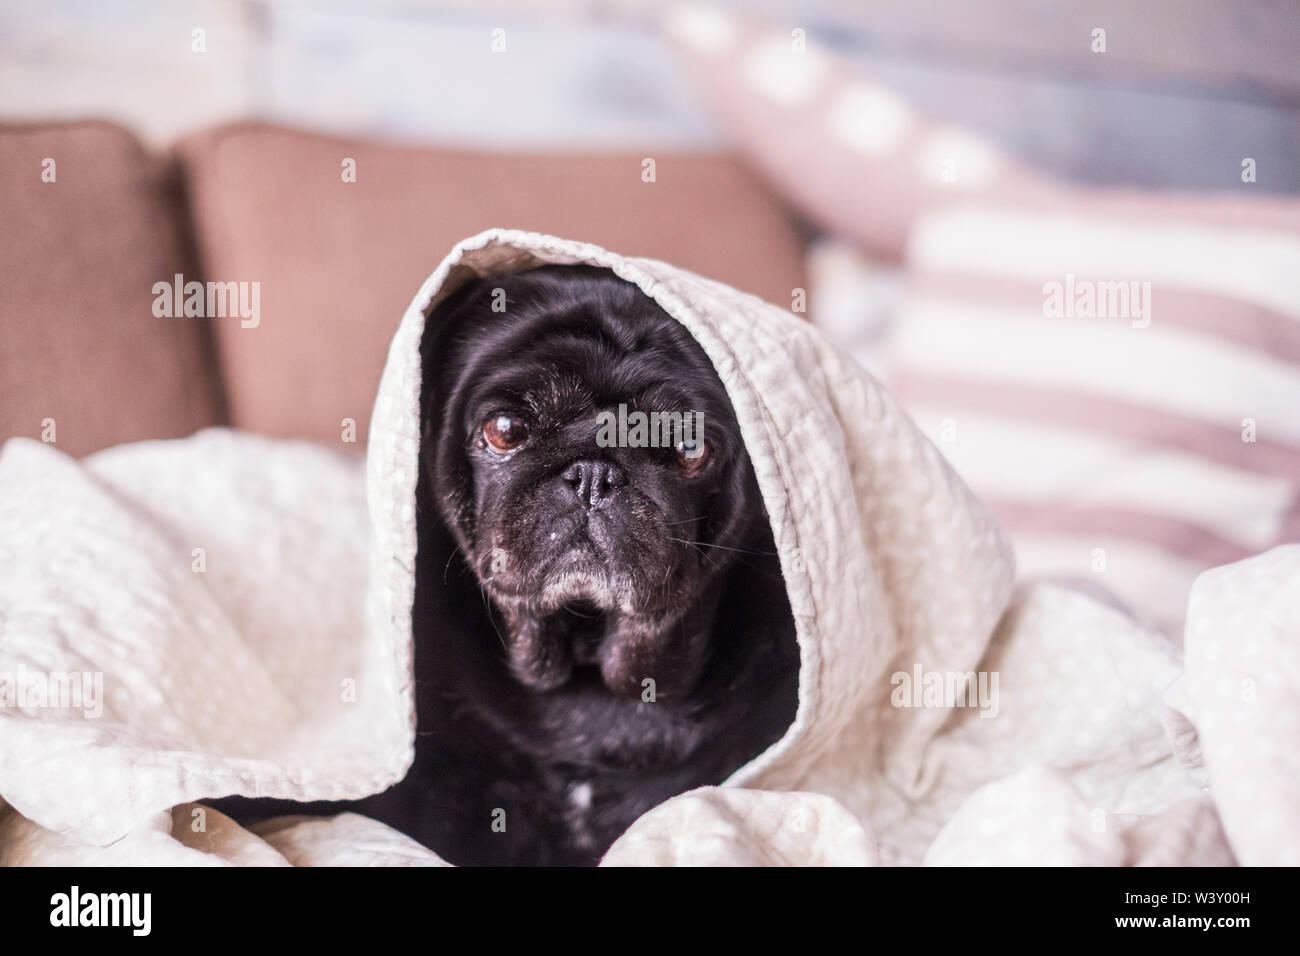 Perro pug es divertirse jugando bajo la manta. Acostado sobre una camilla marrón mirando la cámara con ojos de licitación envuelto en una sábana blanca. Cachorro en ho Imagen De Stock